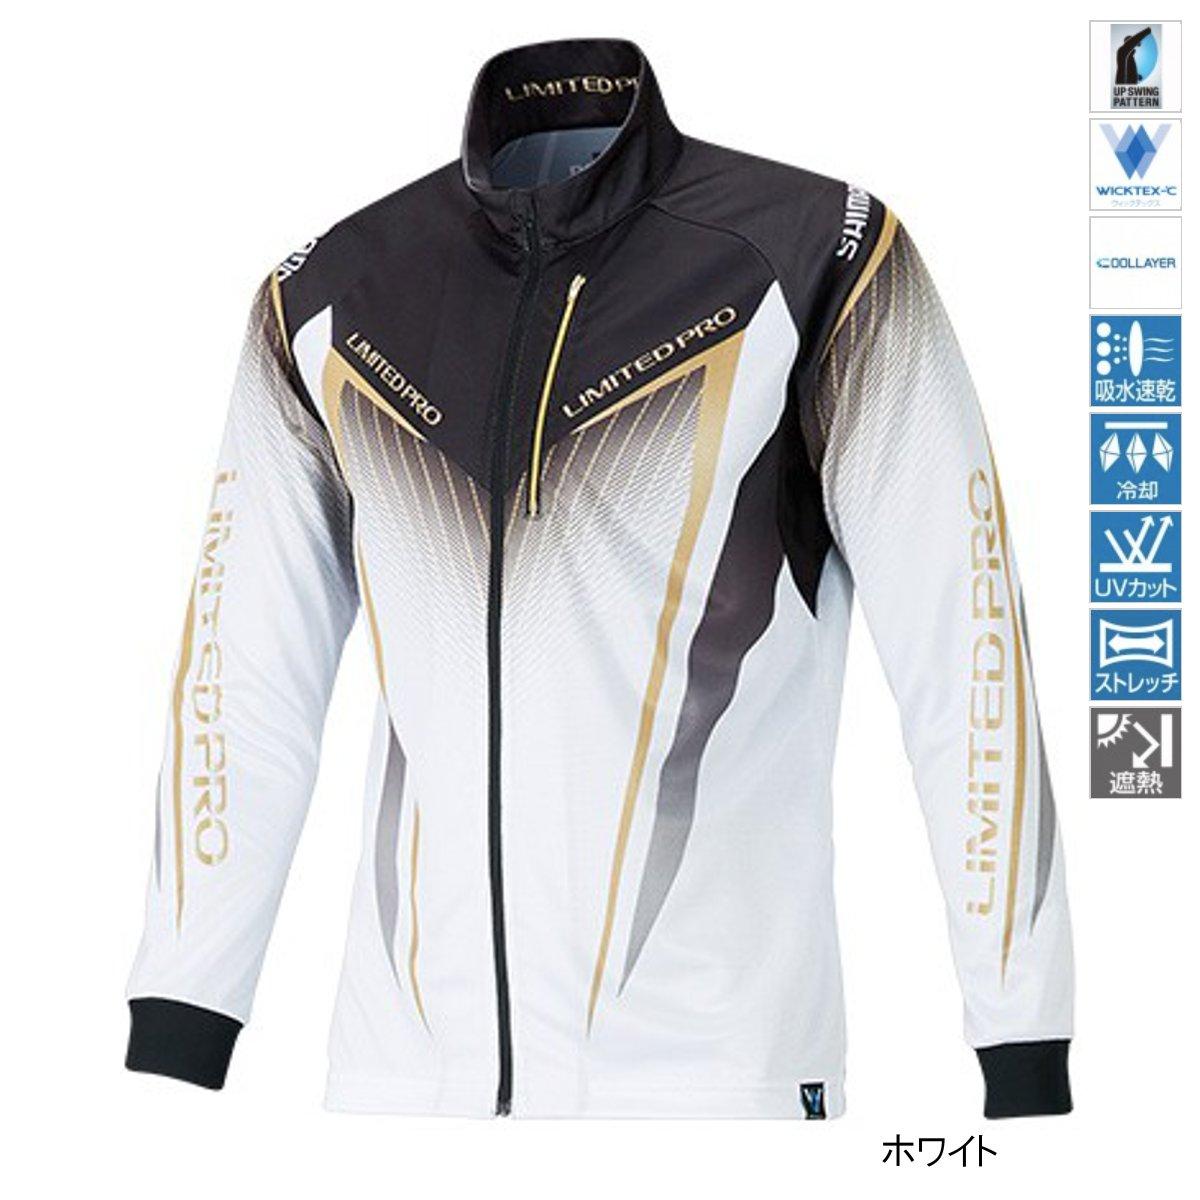 シマノ フルジップシャツLIMITED PRO(長袖) SH-011S L ホワイト【送料無料】